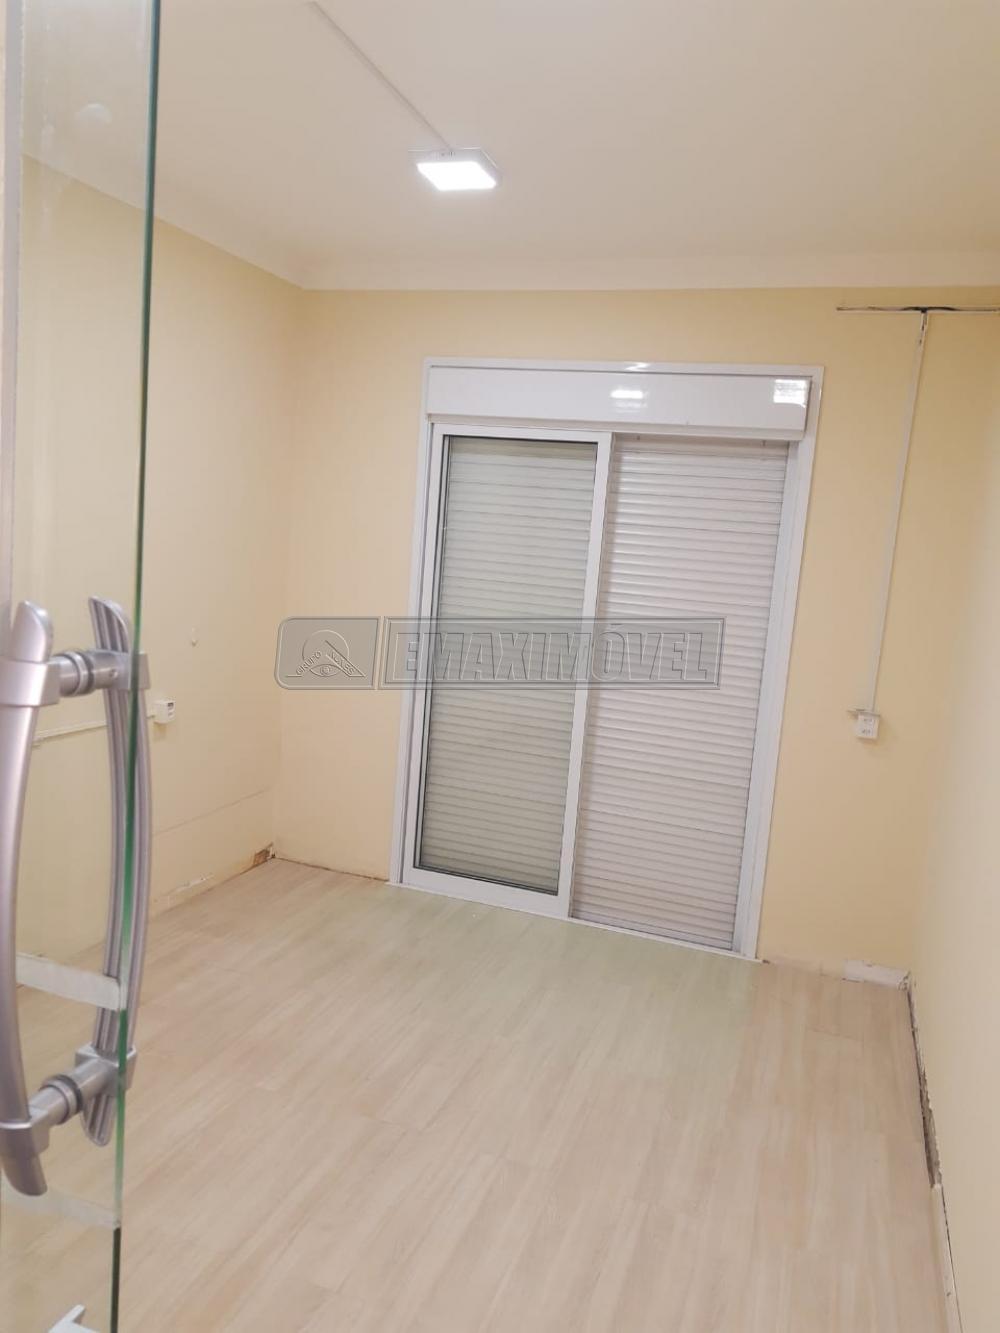 Alugar Casas / Comerciais em Sorocaba R$ 6.200,00 - Foto 20